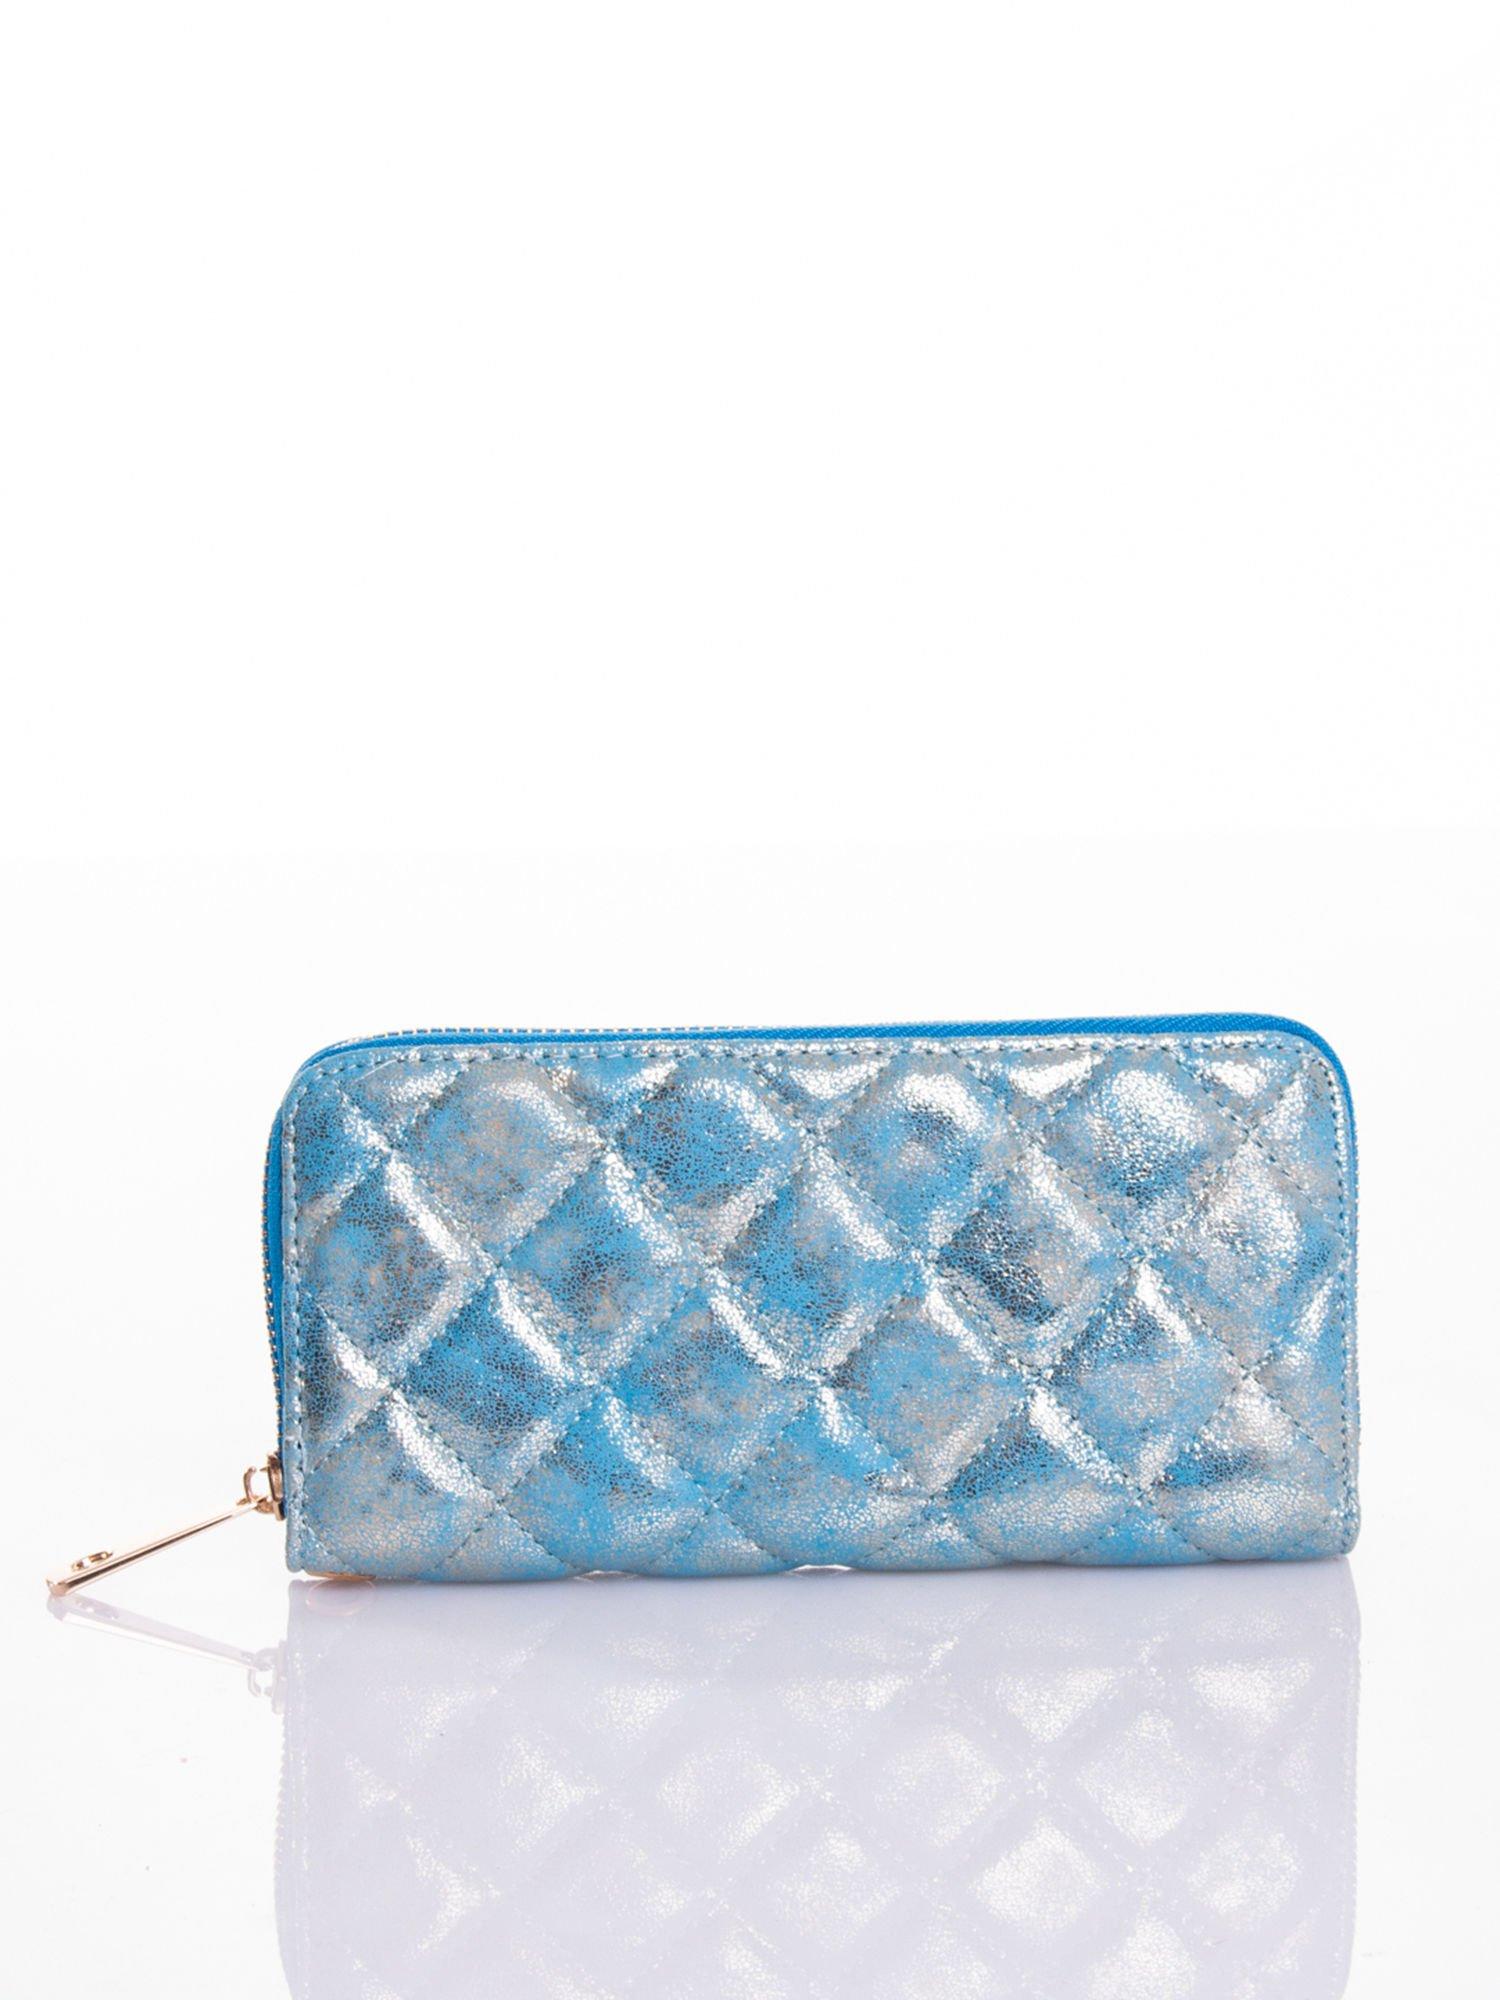 Niebieski pikowany portfel                                  zdj.                                  1